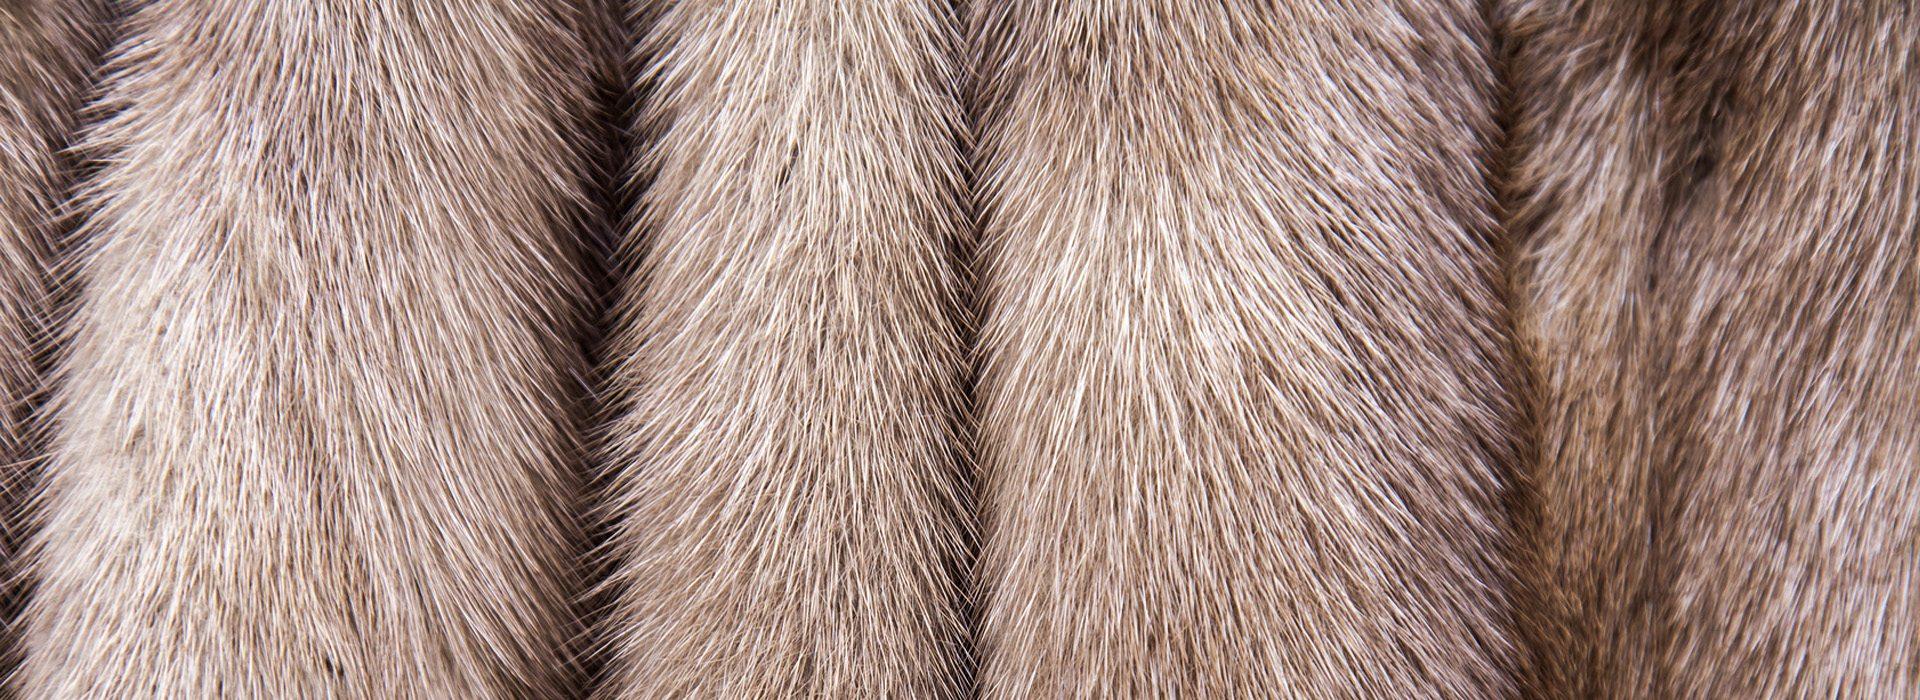 laboratorio interno per rimessa a modello pellicce